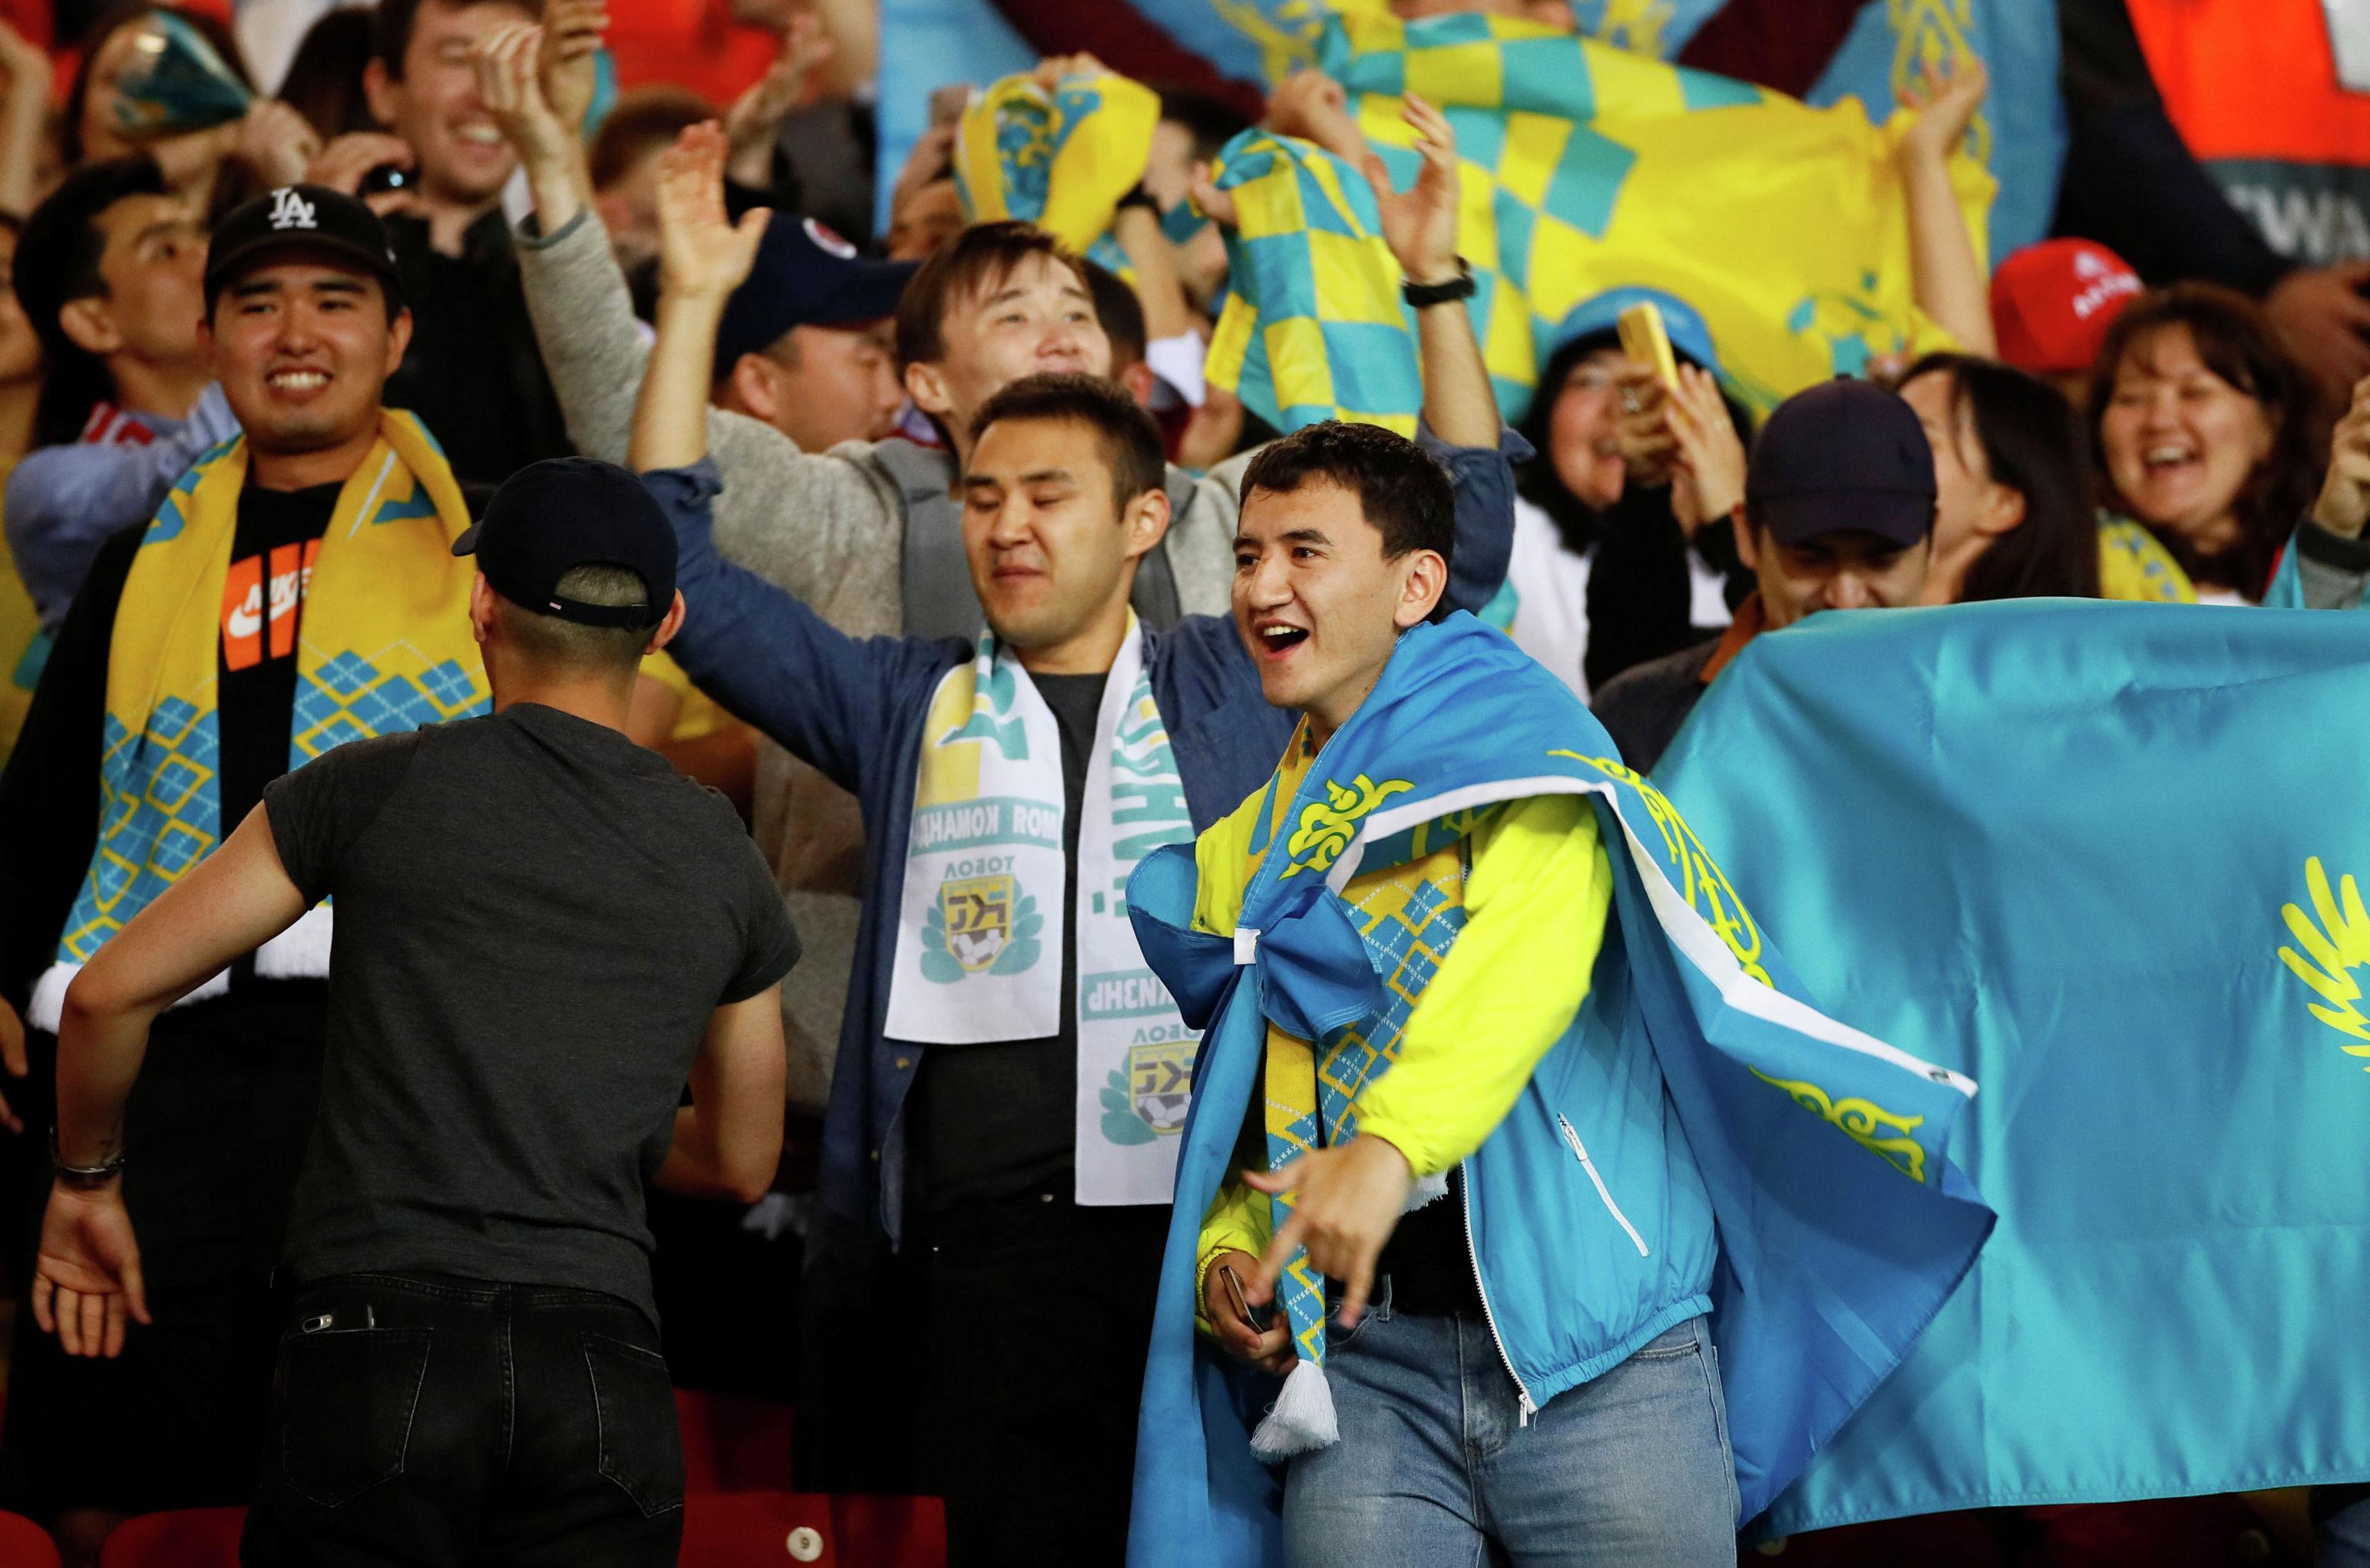 Футбол Футбол - Лига Европы - Группа L - Манчестер Юнайтед - Астана - Олд Траффорд, Манчестер , Великобритания - 19 сентября 2019 года Болельщики Астаны на стадионе перед матчем. Экшн Изображения через Reuters / Jason Cairnduff